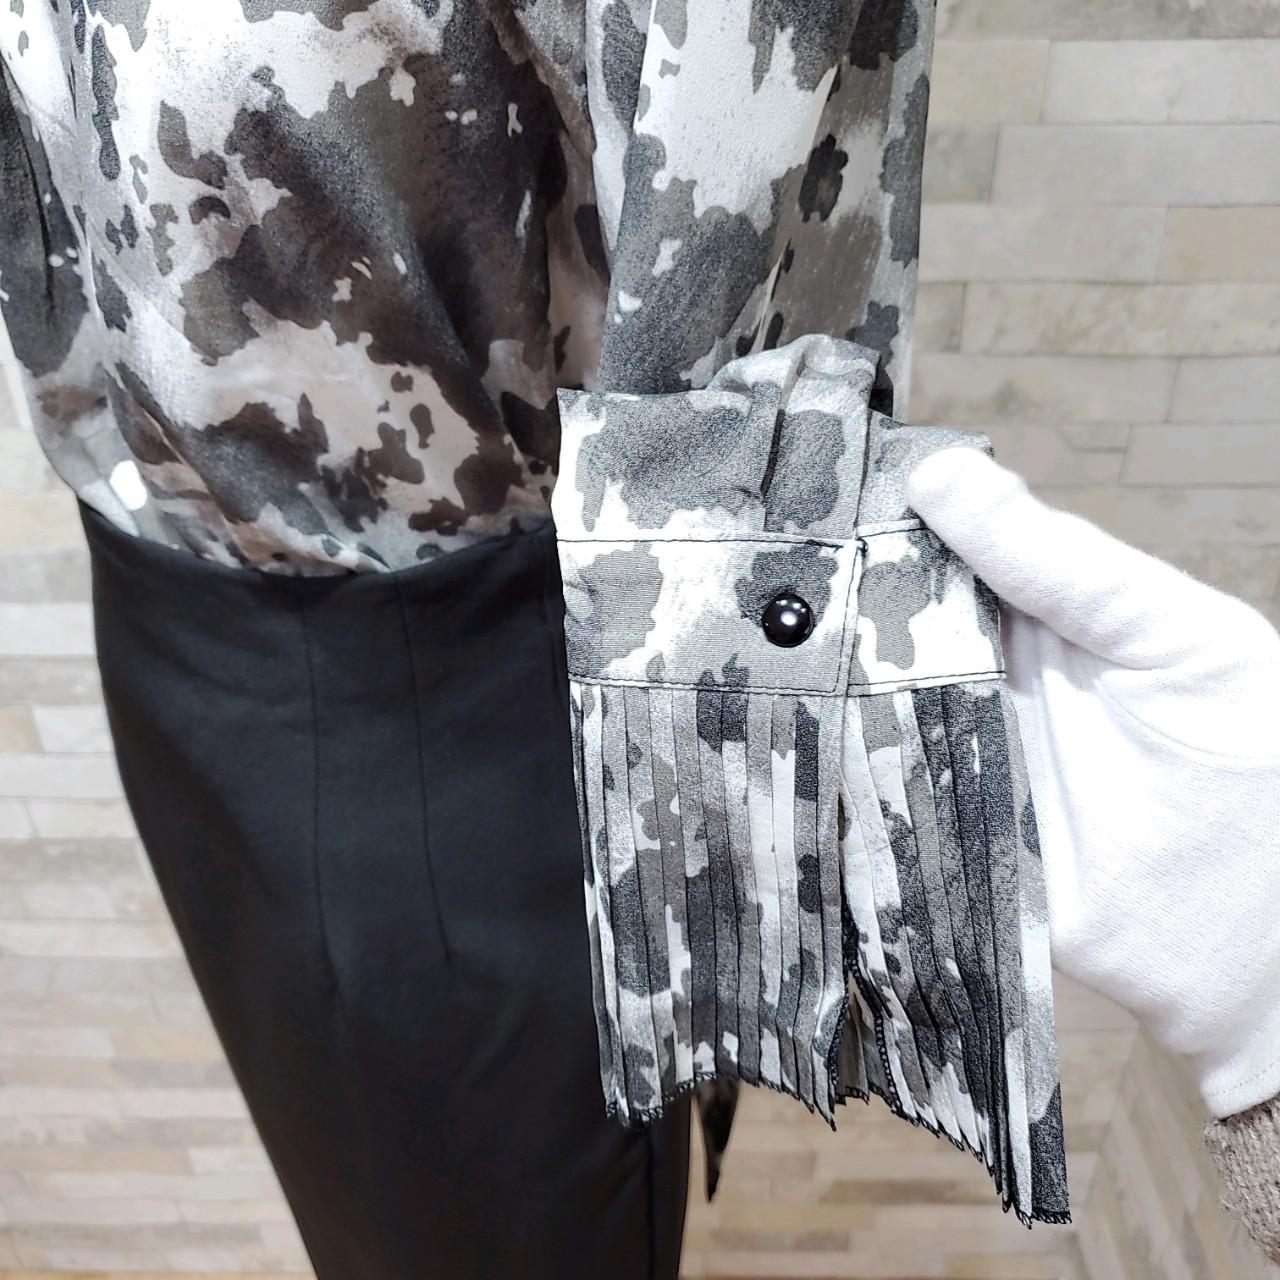 韓国 ファッション パーティードレス 結婚式 お呼ばれドレス セットアップ 秋 冬 春 パーティー ブライダル PTXH515  モノトーン リボン ドレープ タイト オフィ 二次会 セレブ きれいめの写真18枚目